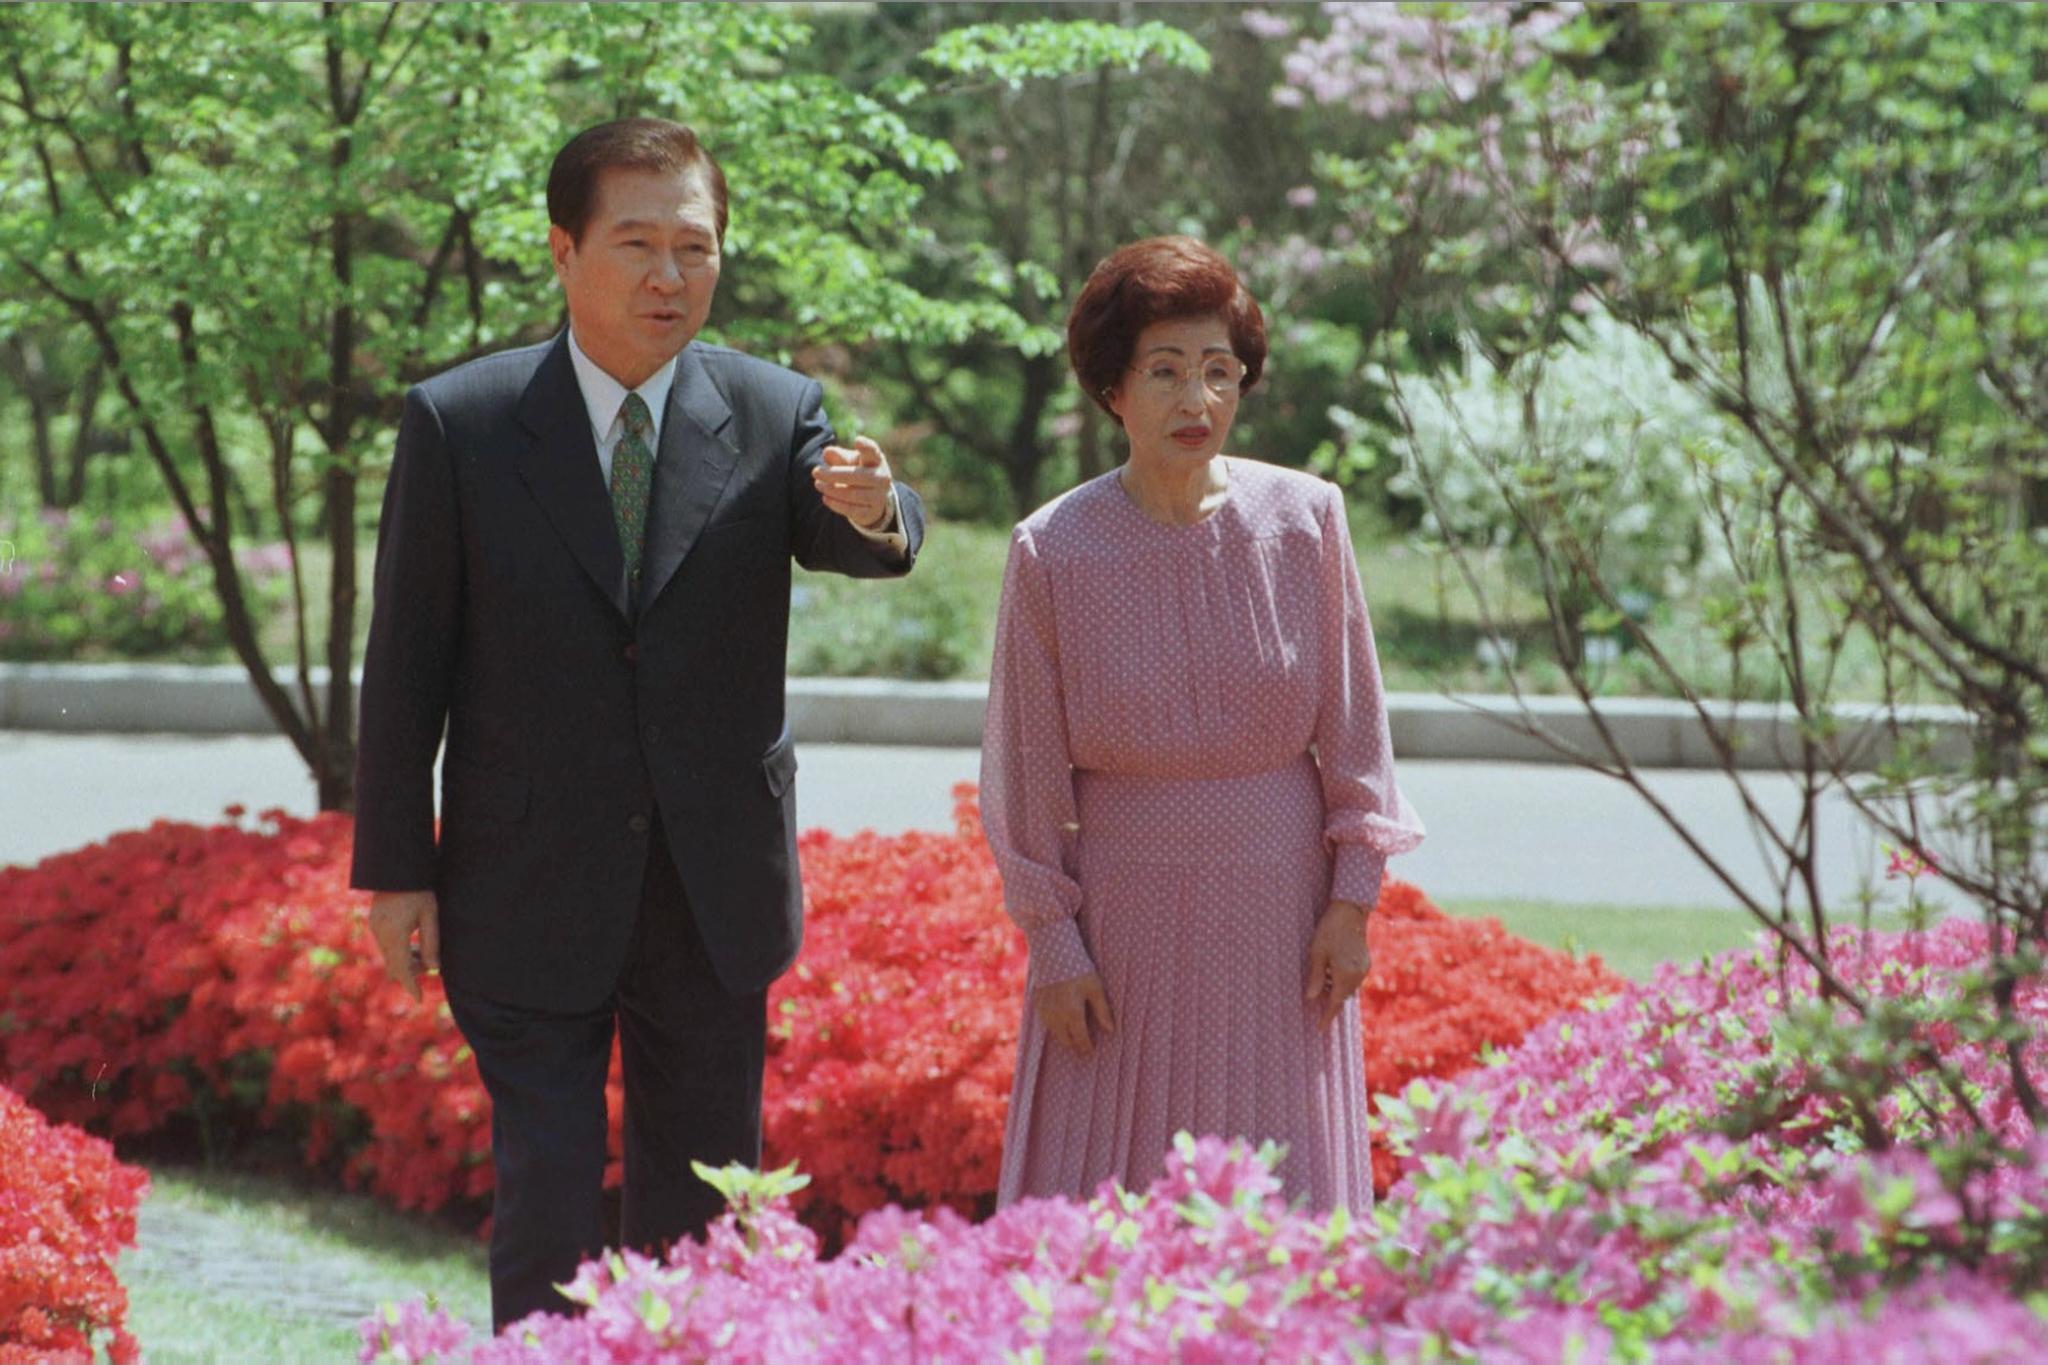 1999년 6월 김대중대통령과 부인 이희호 여사가 영산홍, 철쭉등이 활짝핀 청와대 경내 수궁터 꽃길을 걸으며 산책하고 있다. [중앙포토]